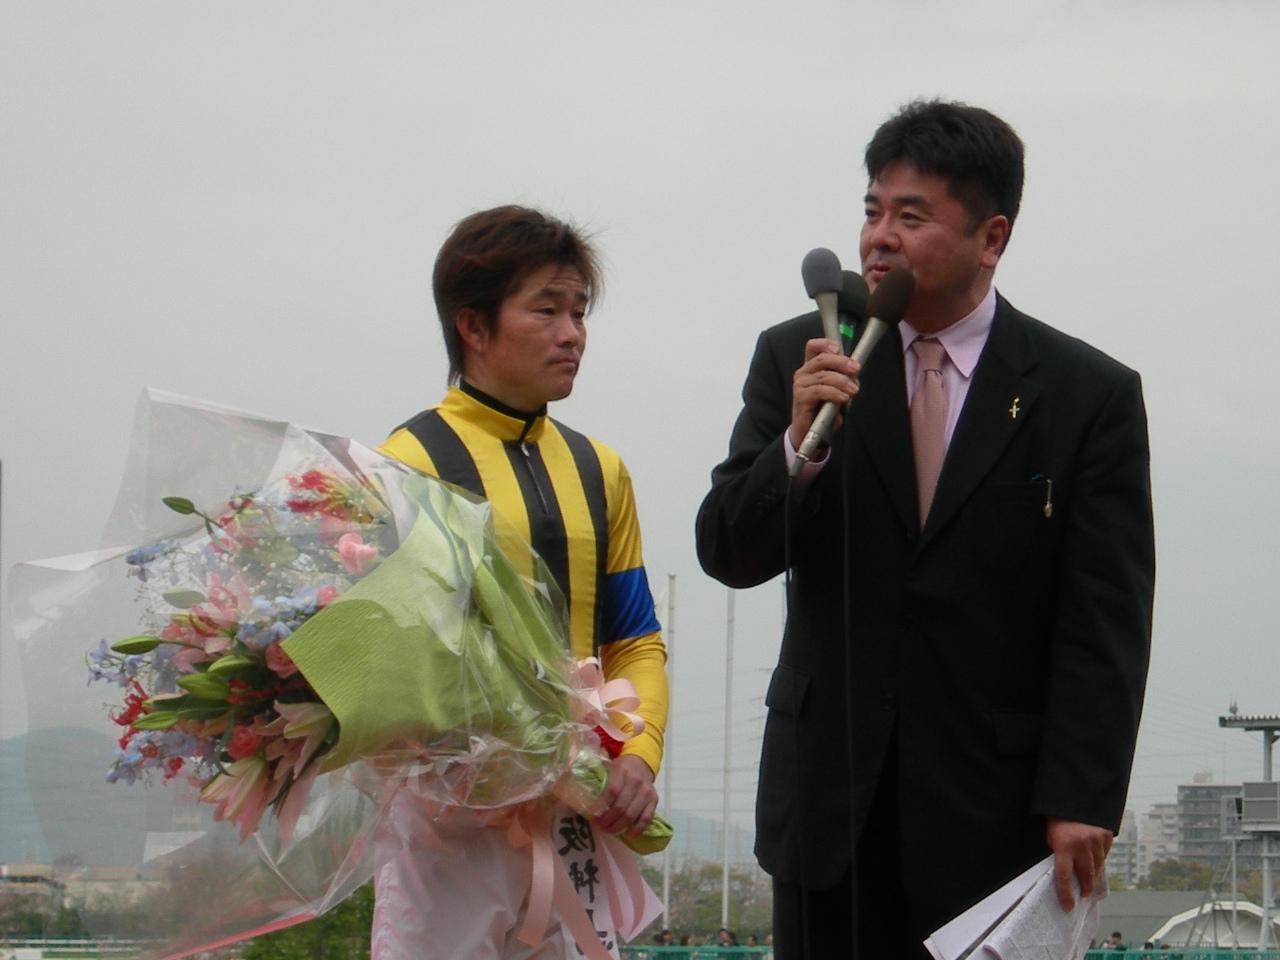 ファイル:Reginetta Futoshi Komaki DSCN5155 20080413.JPG